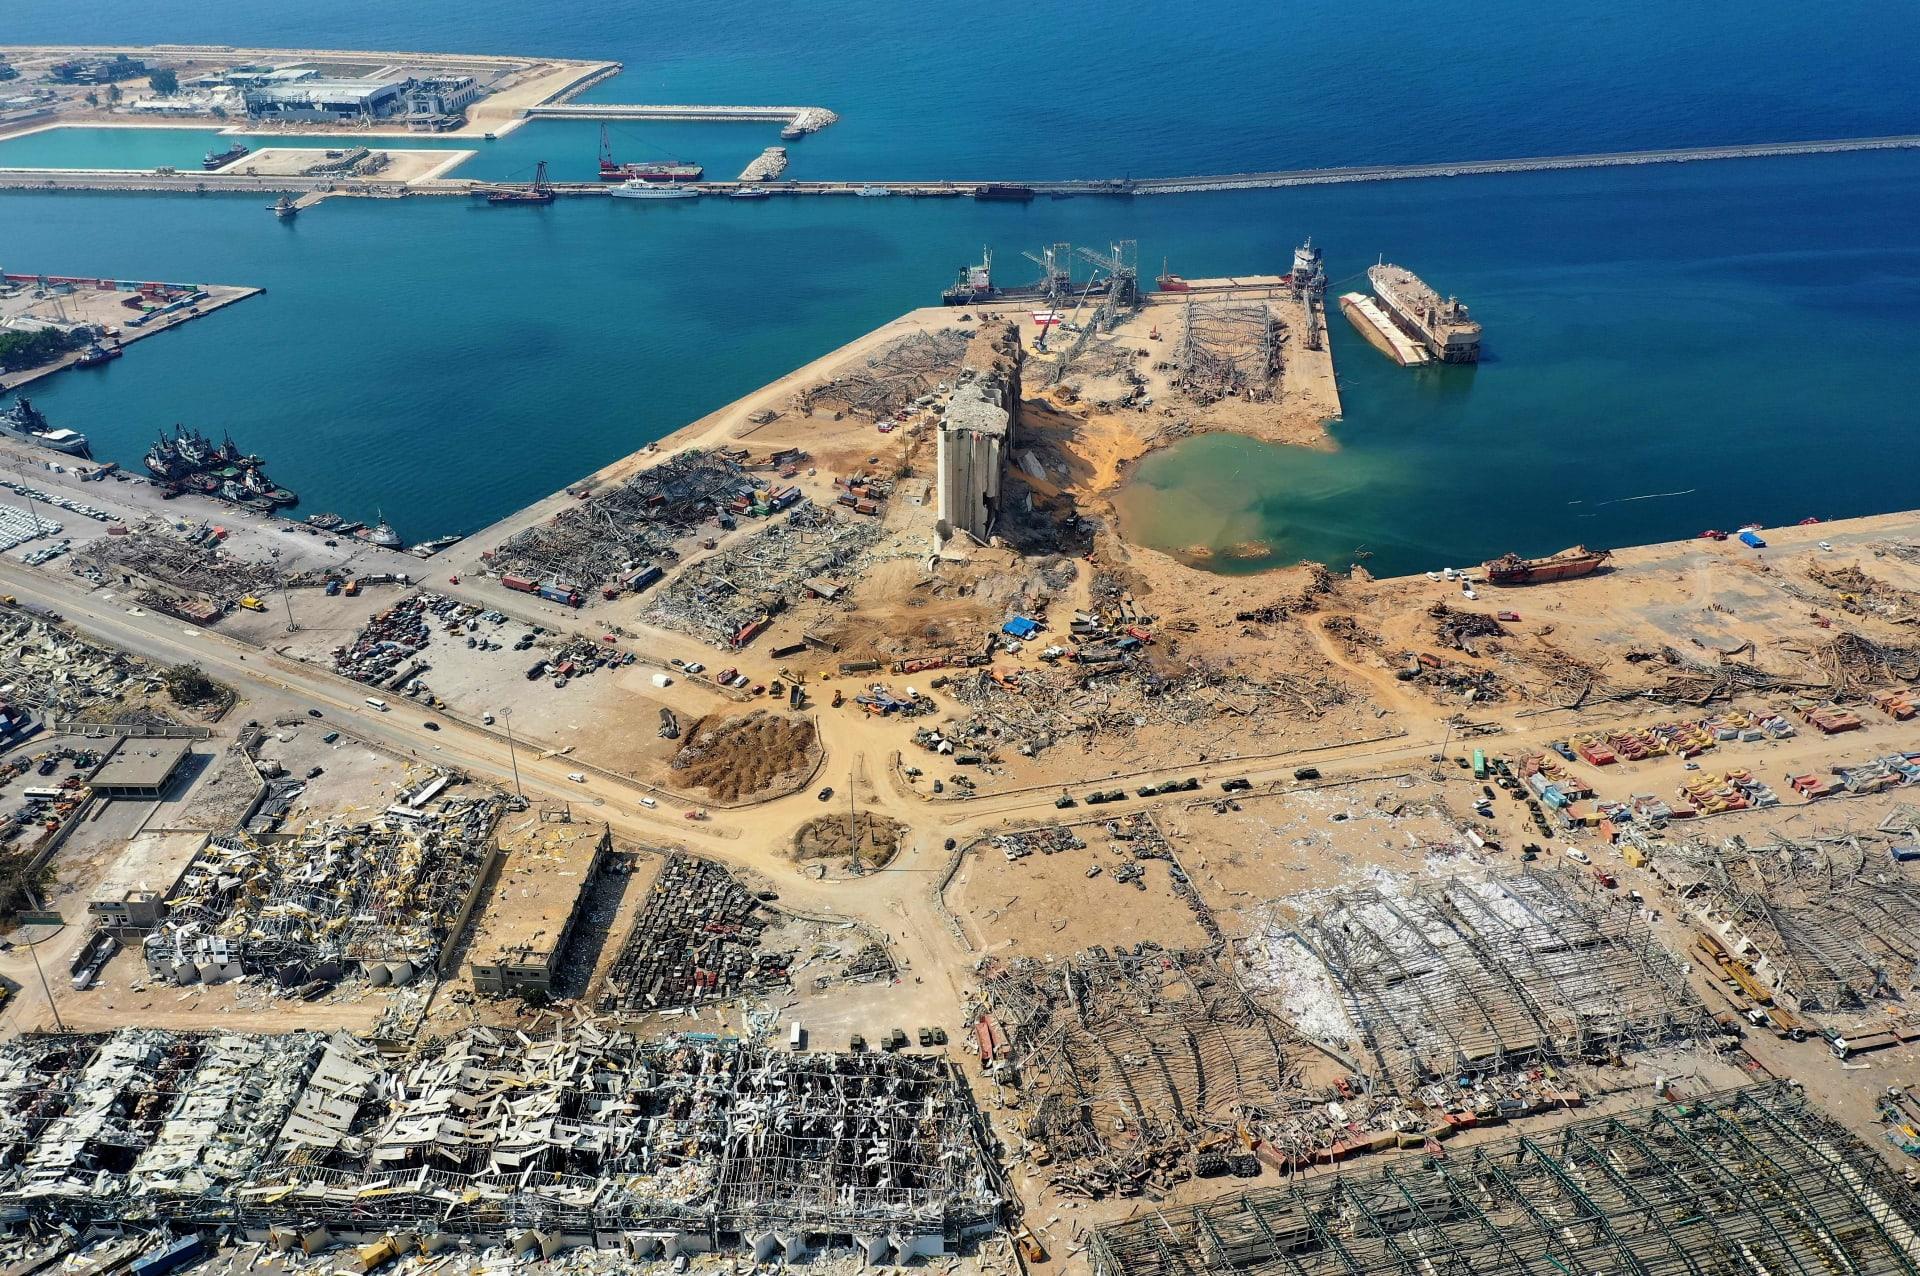 تركيا تعلن استعدادها لإعادة إعمار مرفأ بيروت: ميناء مرسين في خدمة اللبنانيين